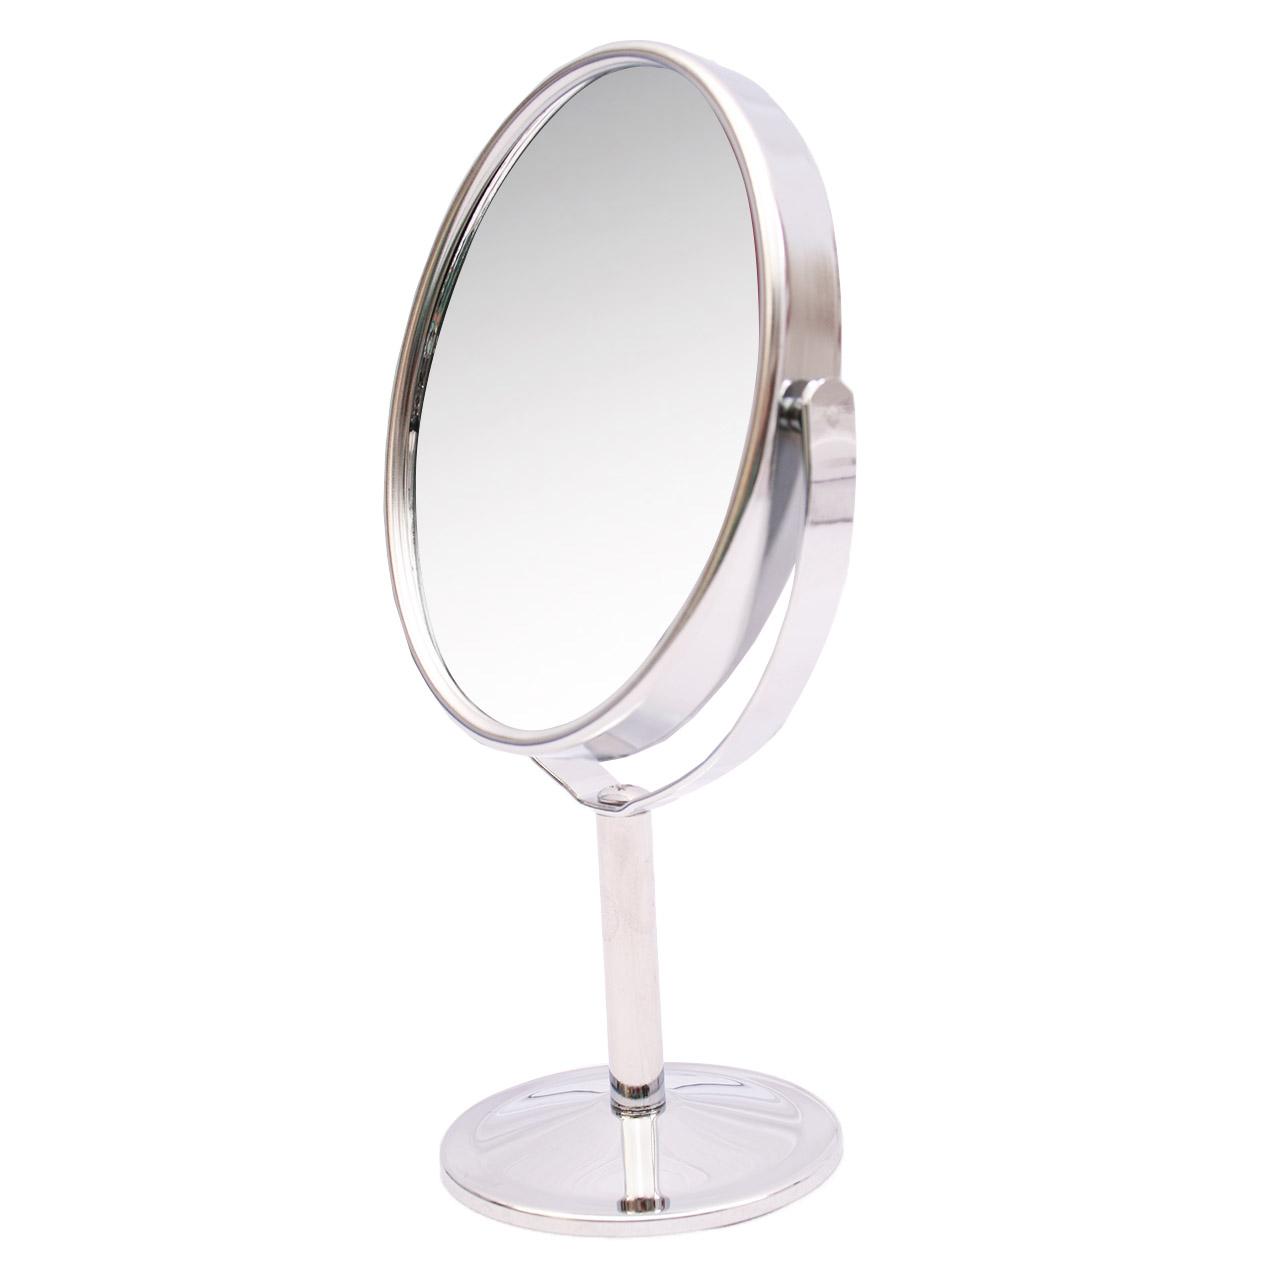 قیمت آینه آرایشی کد 213